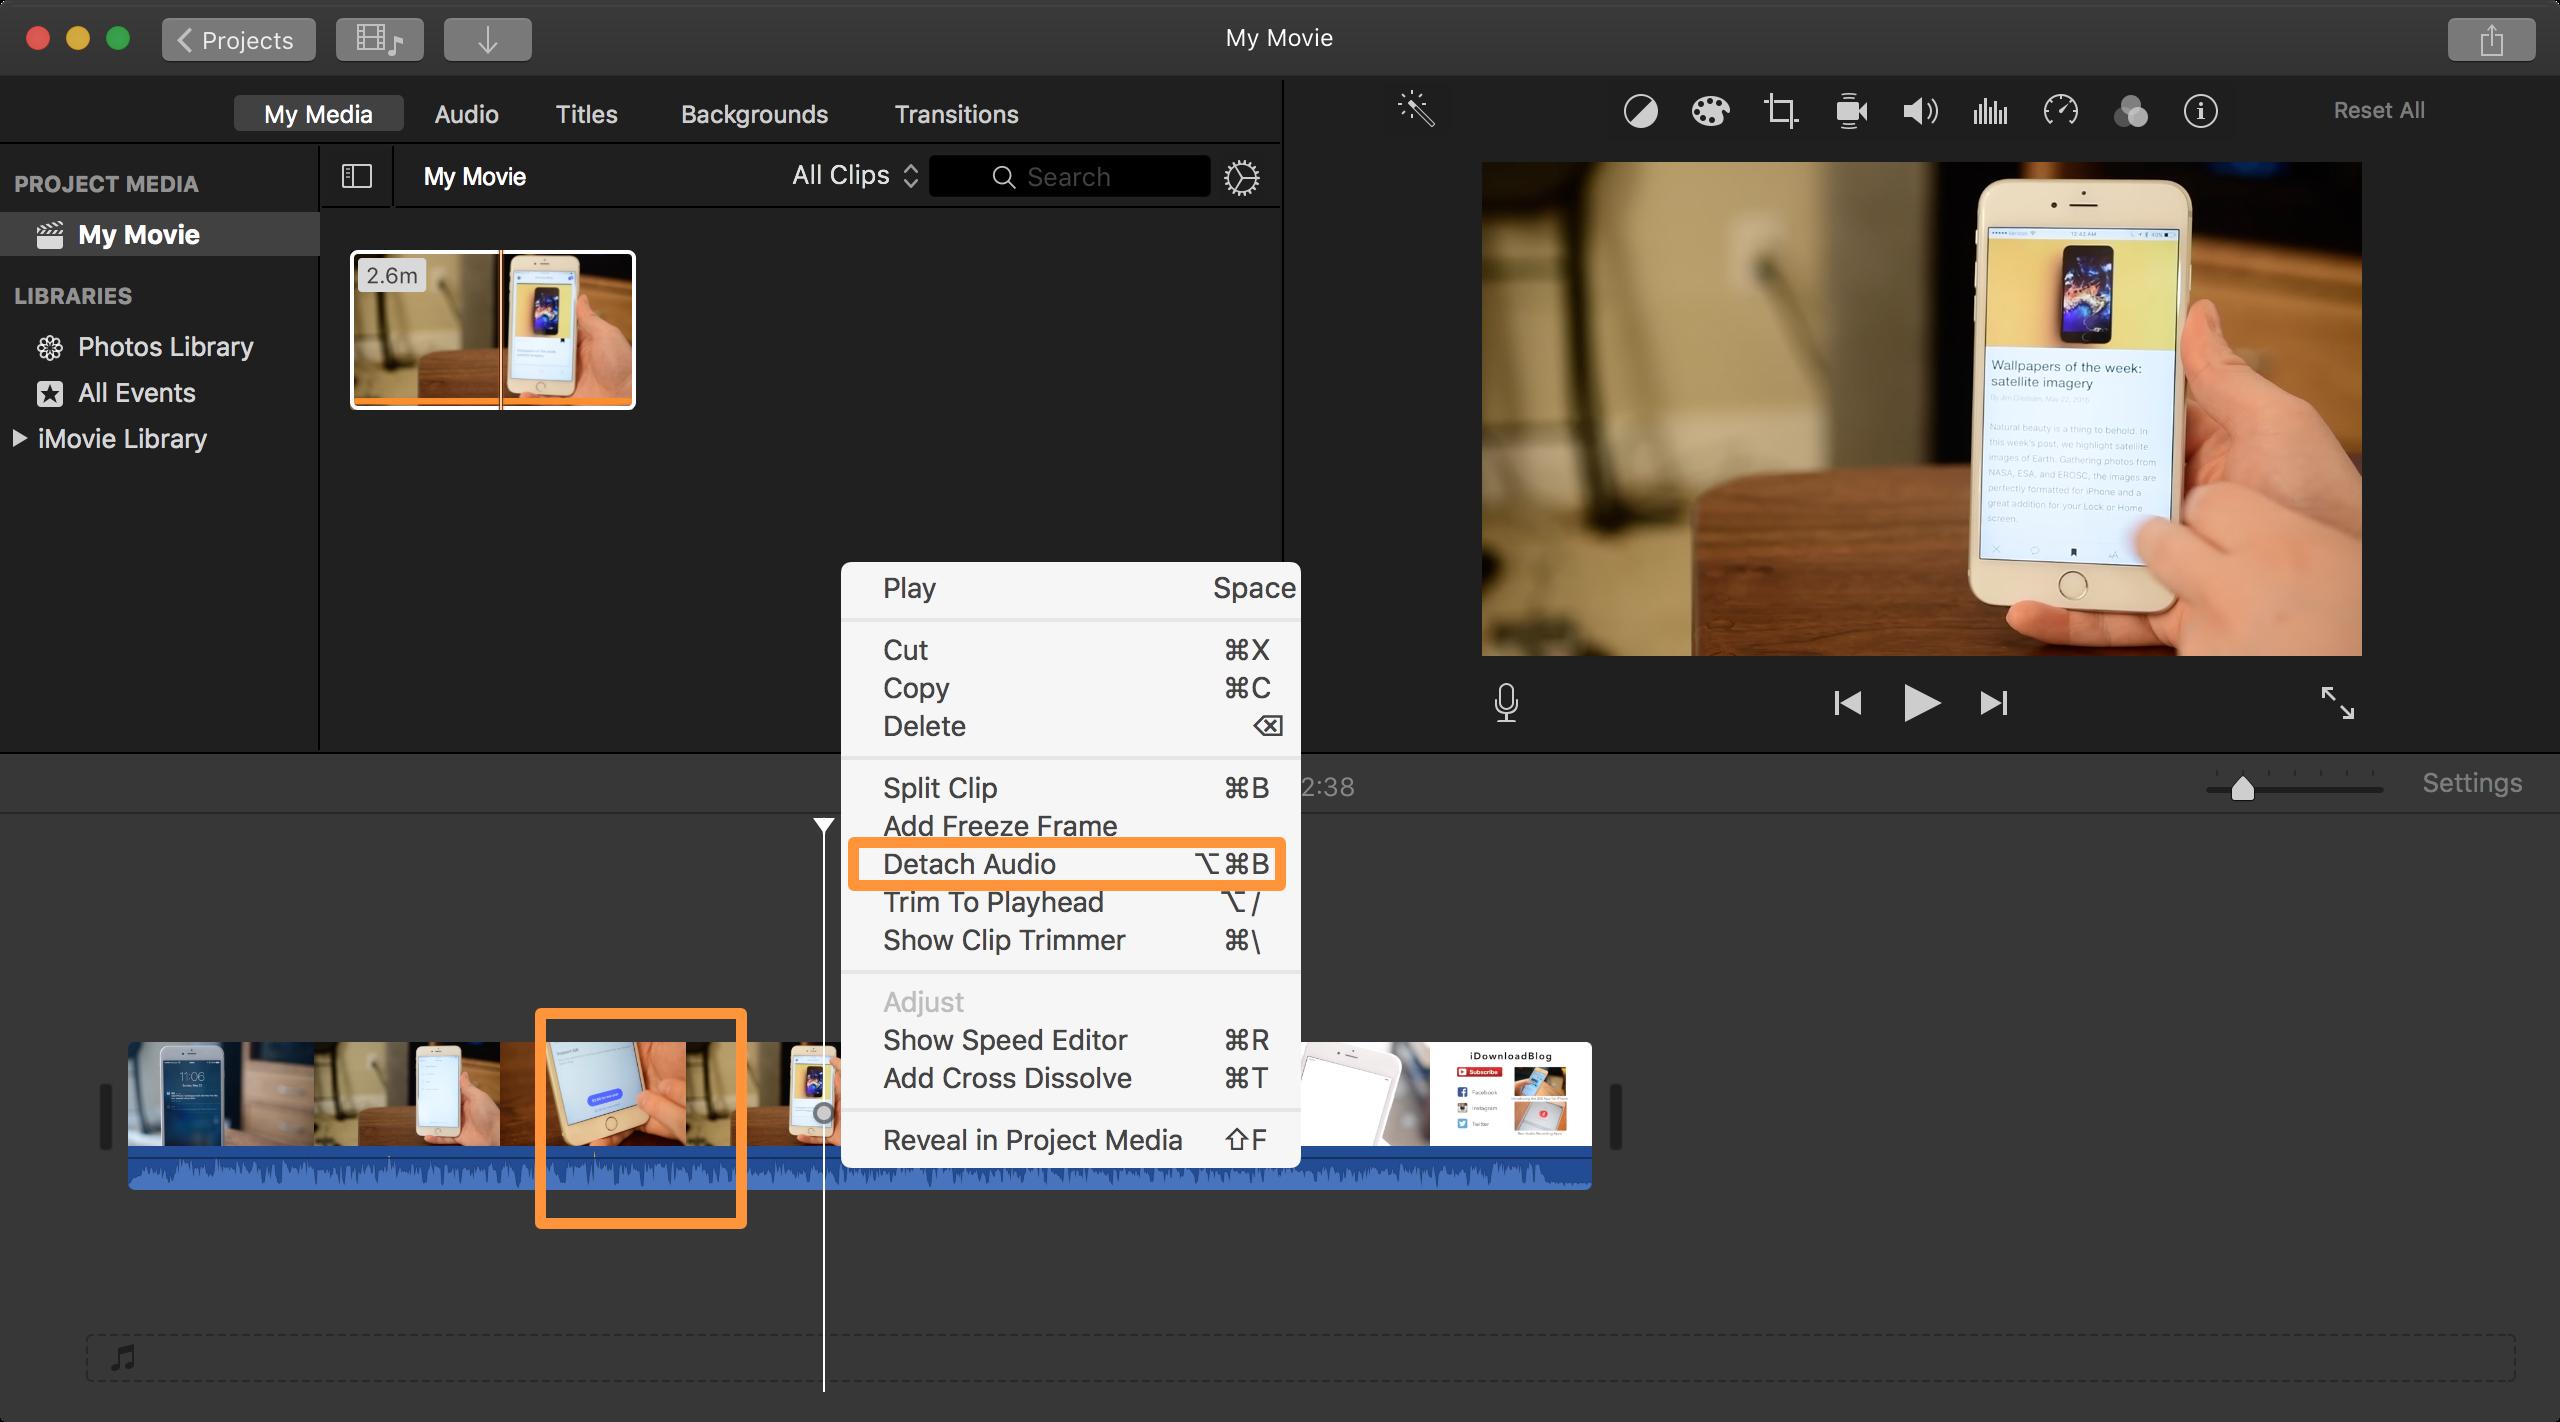 Detatch Audio in iMovie